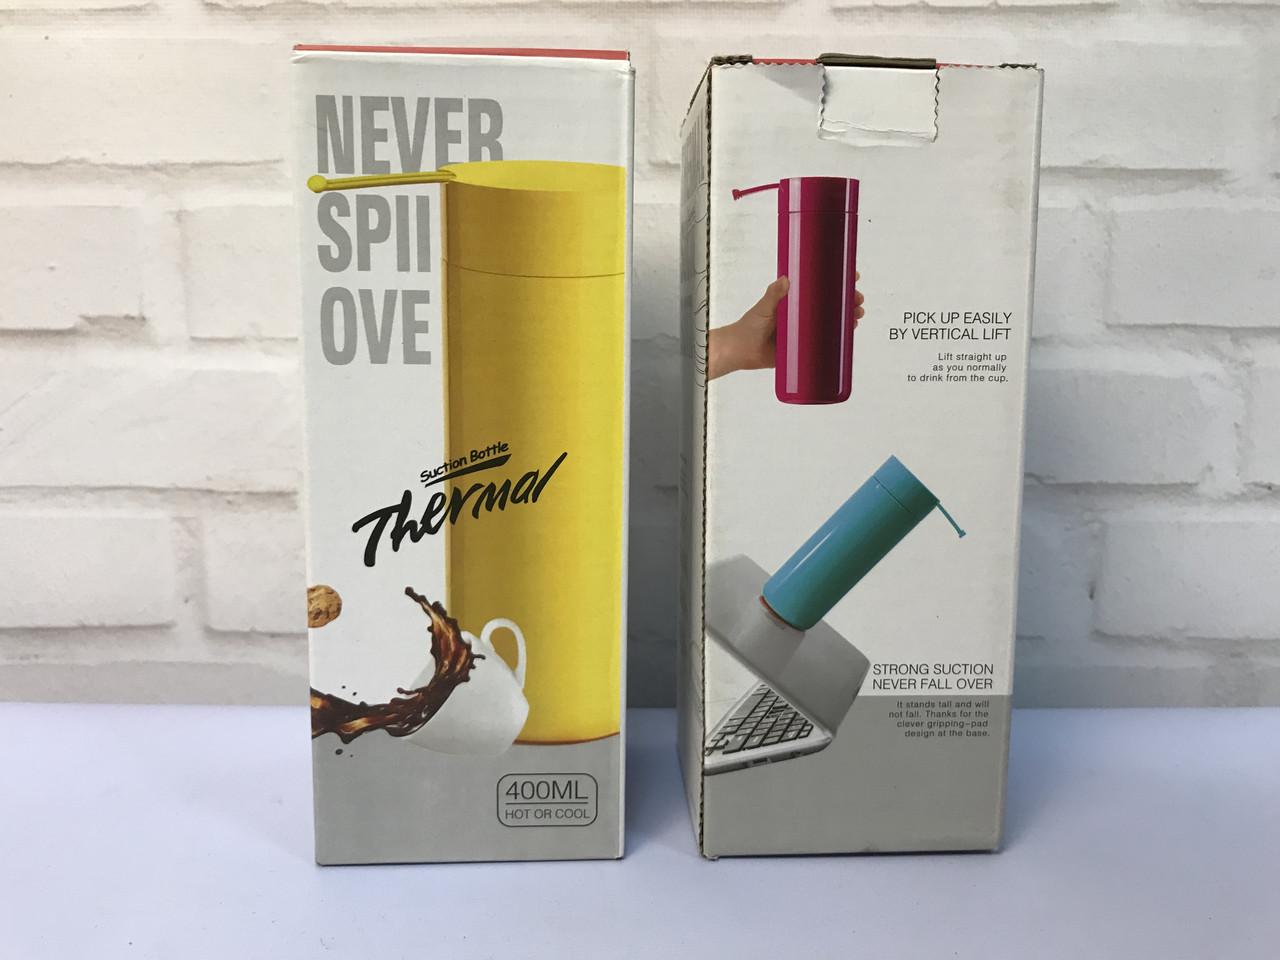 Компактный Антигравитационный Мини-термос 400 мл Never spill over. Лучшая Цена! - фото 8